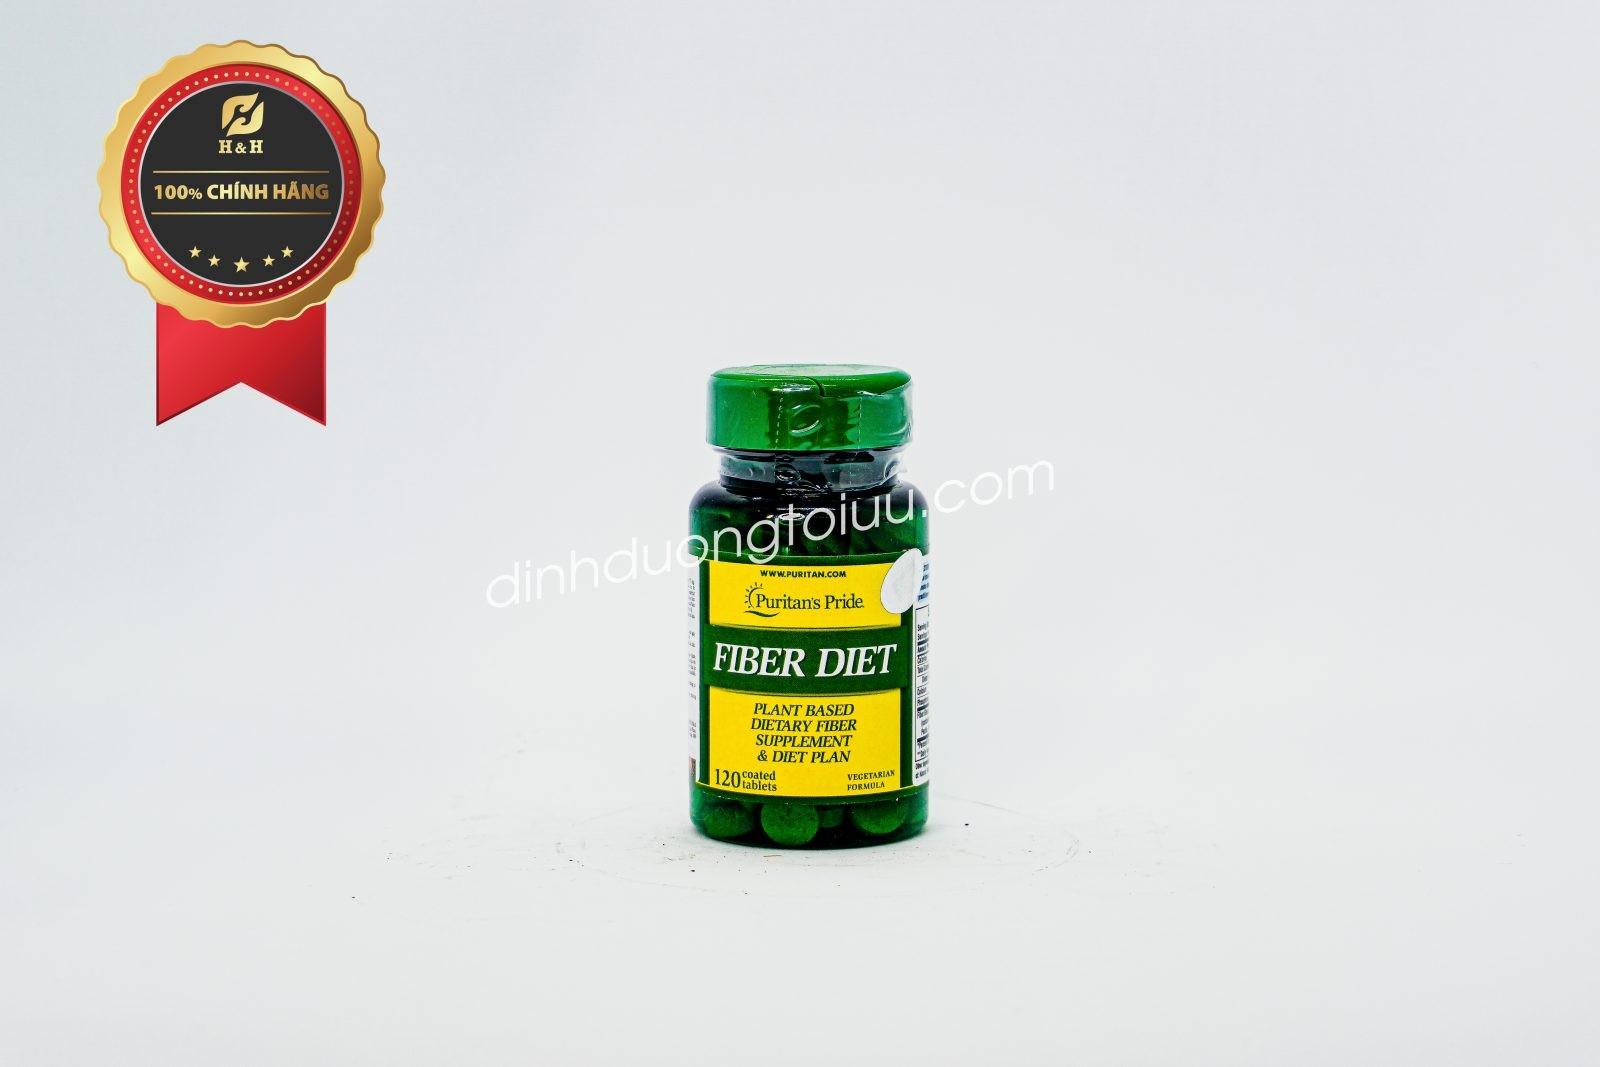 Viên uống Puritan's Pride FIBER DIET của Mỹ viên uống bổ sung chất xơ và dưỡng chất giúp giảm cân và giữ gìn vóc dáng hiệu quả